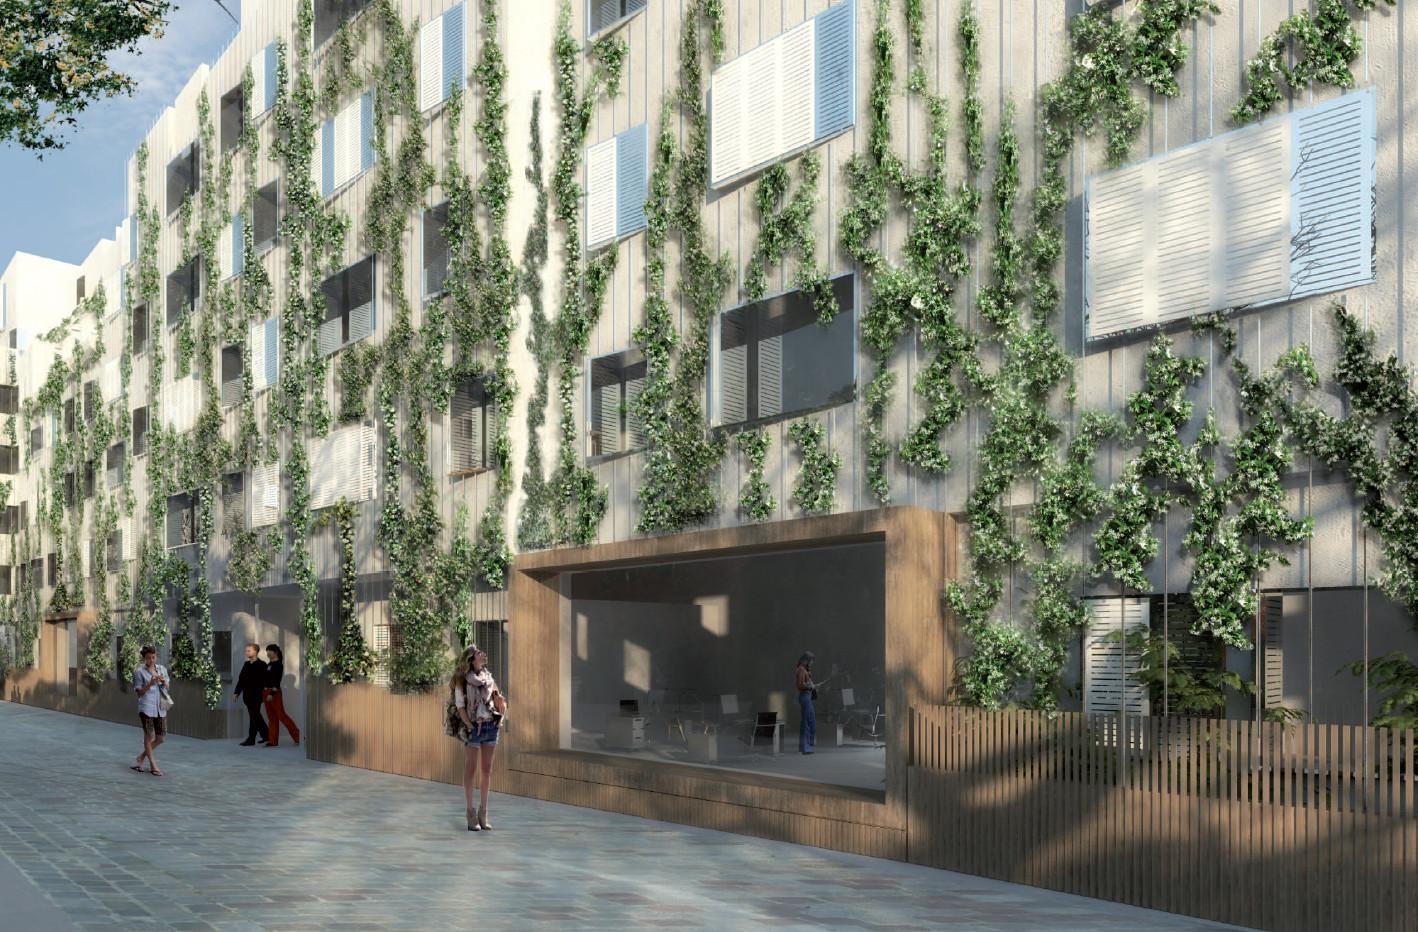 Végétalisation des façades Paris Habitat sur la place Salamandre, @Frédéric Bernard Architecture